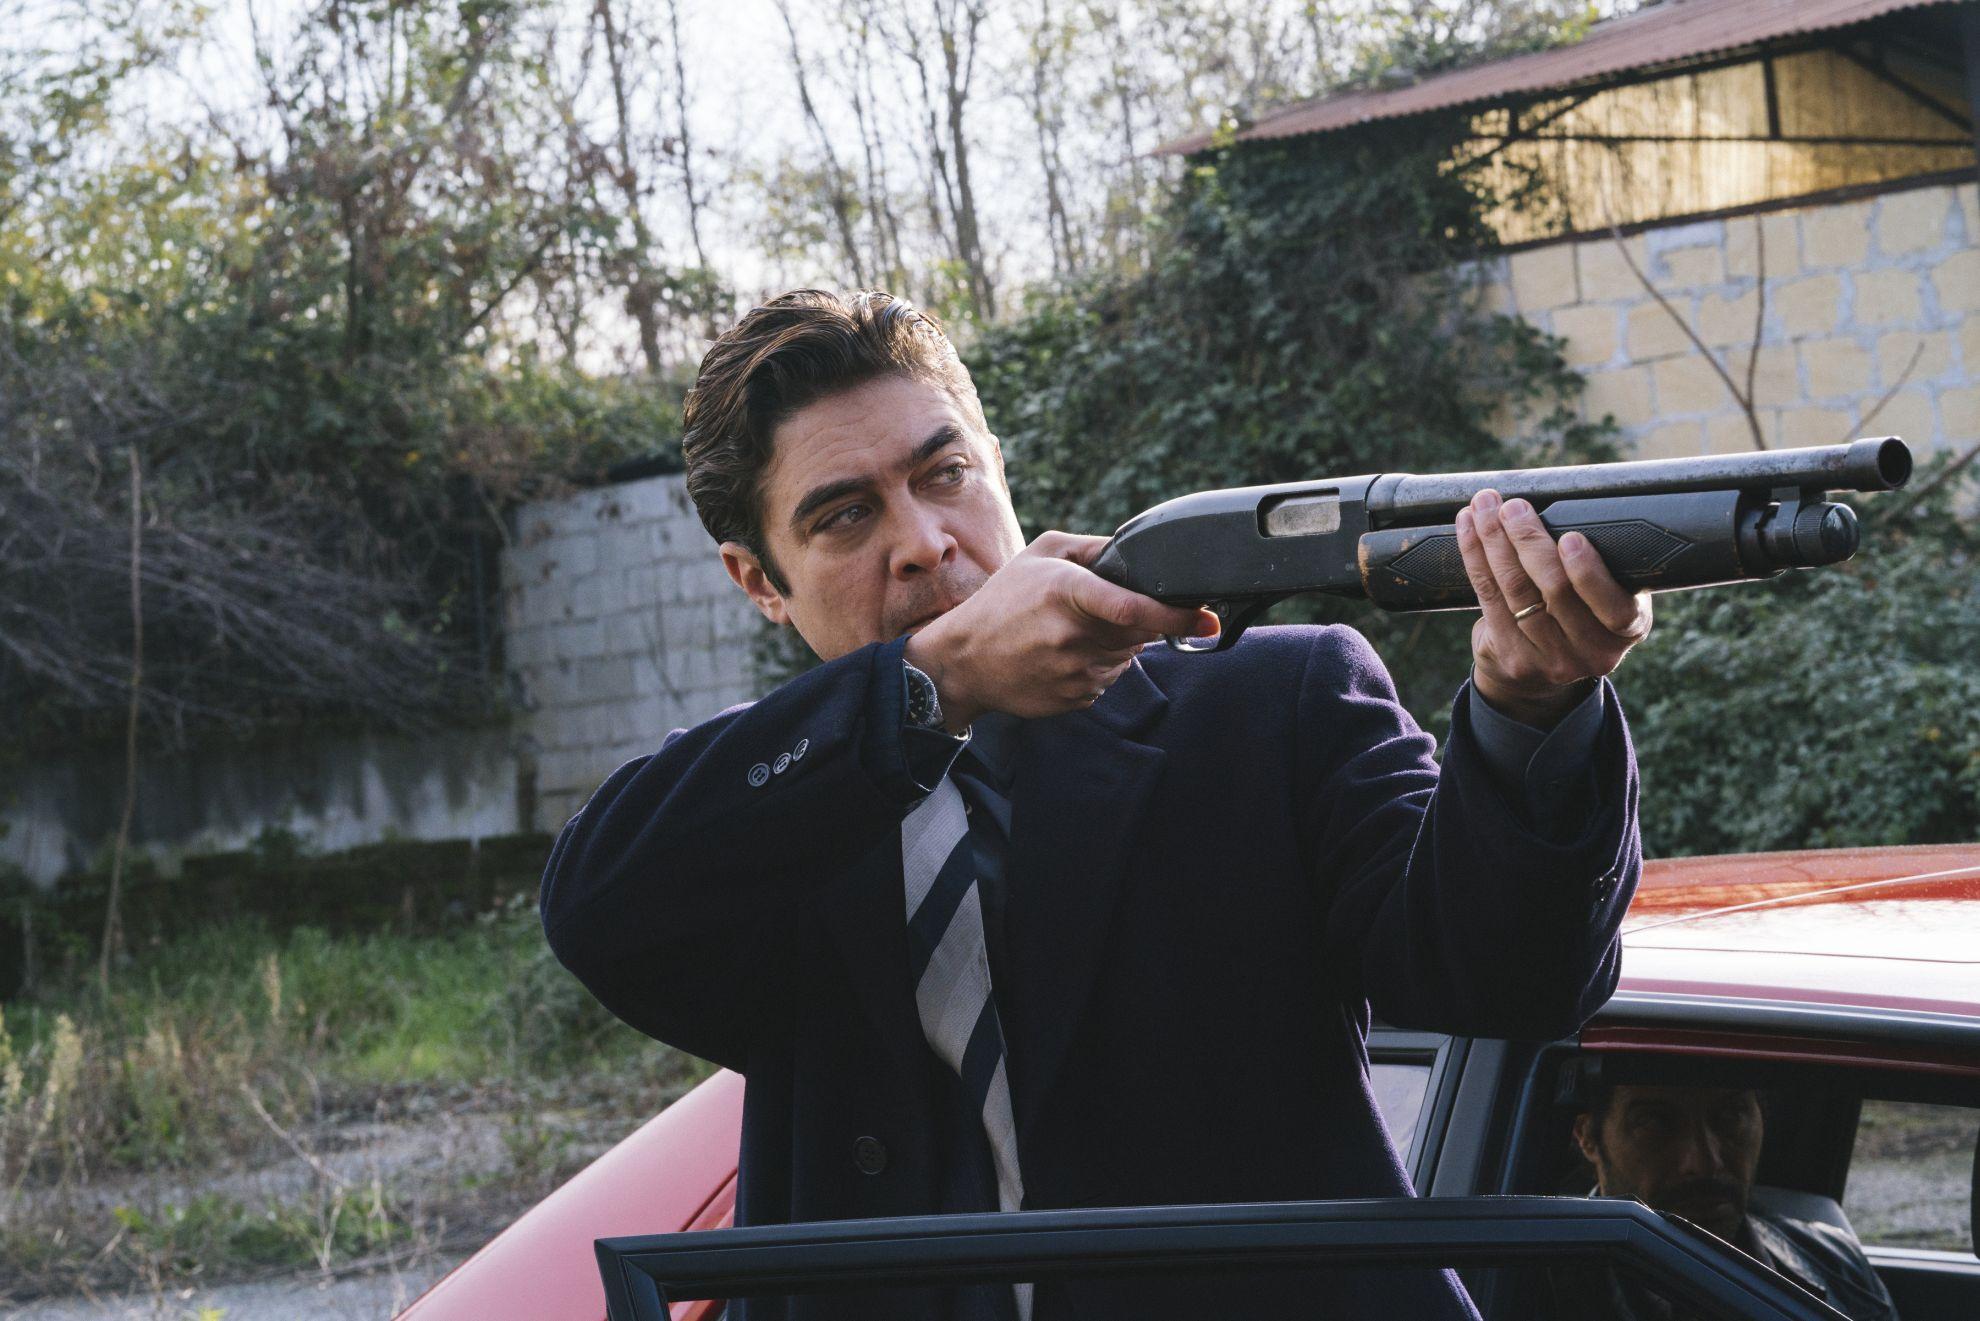 Lo Spietato: una scena d'azione con Riccardo Scamarcio